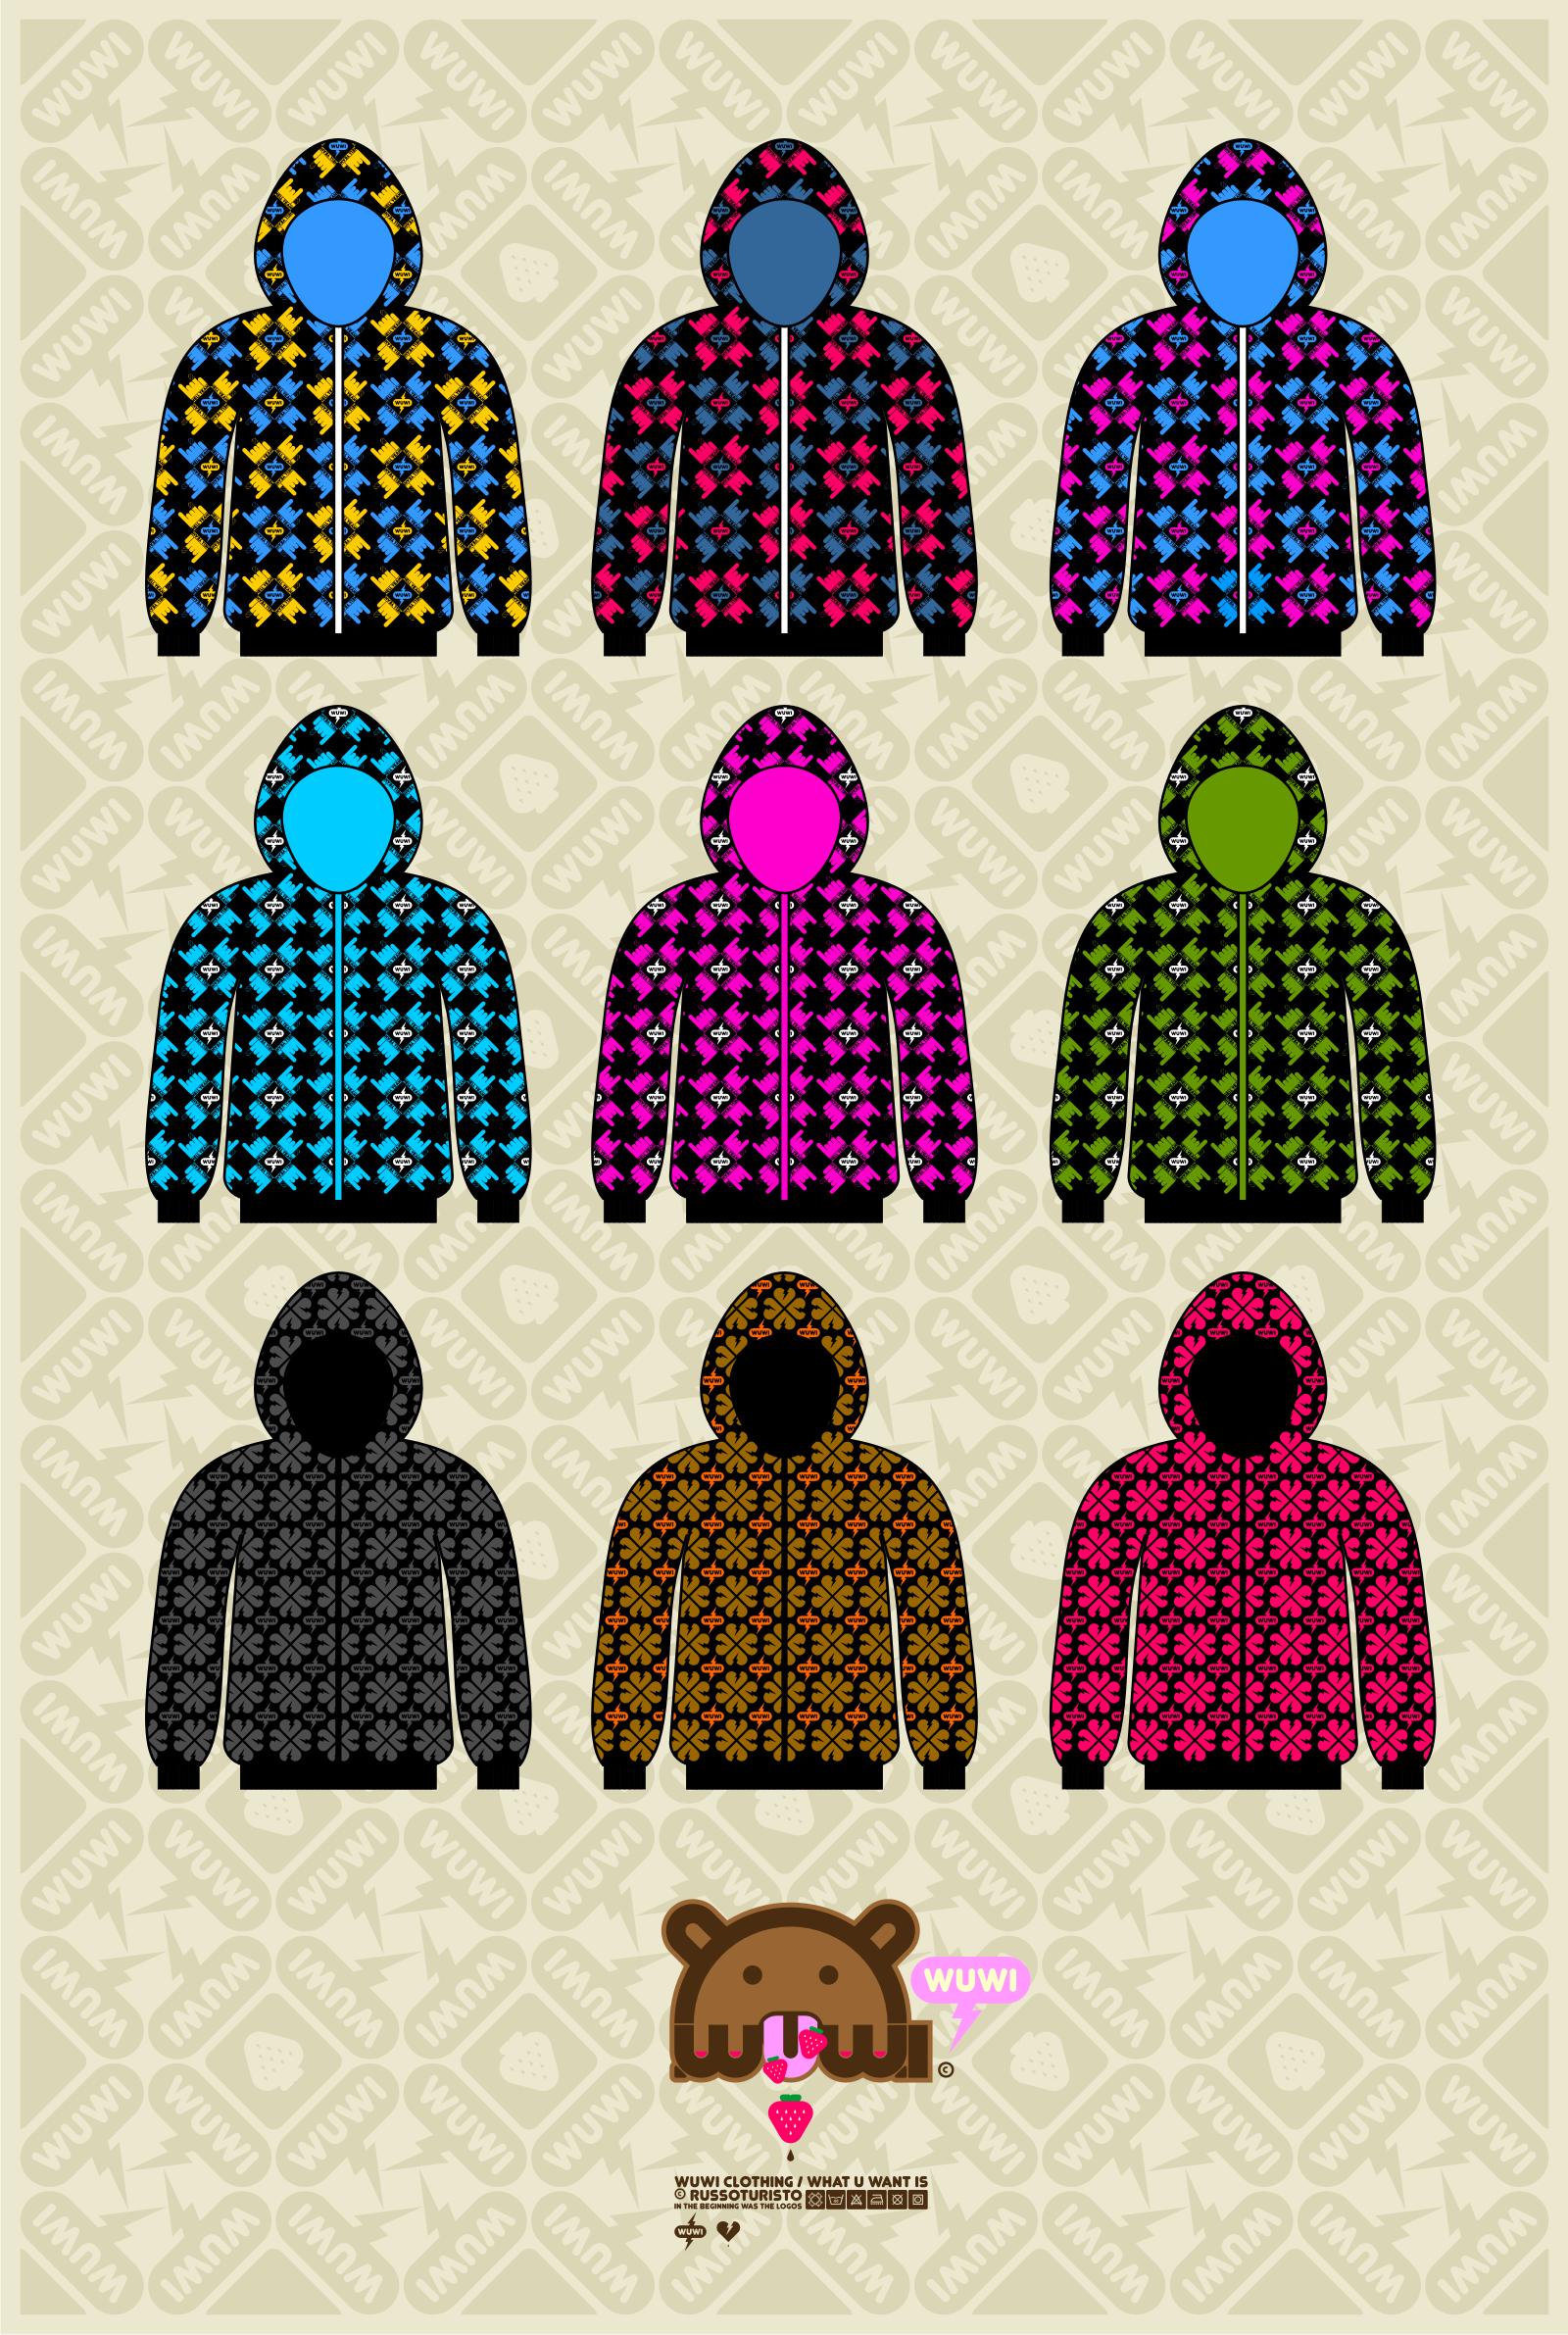 WUWI black hoodies by russoturisto